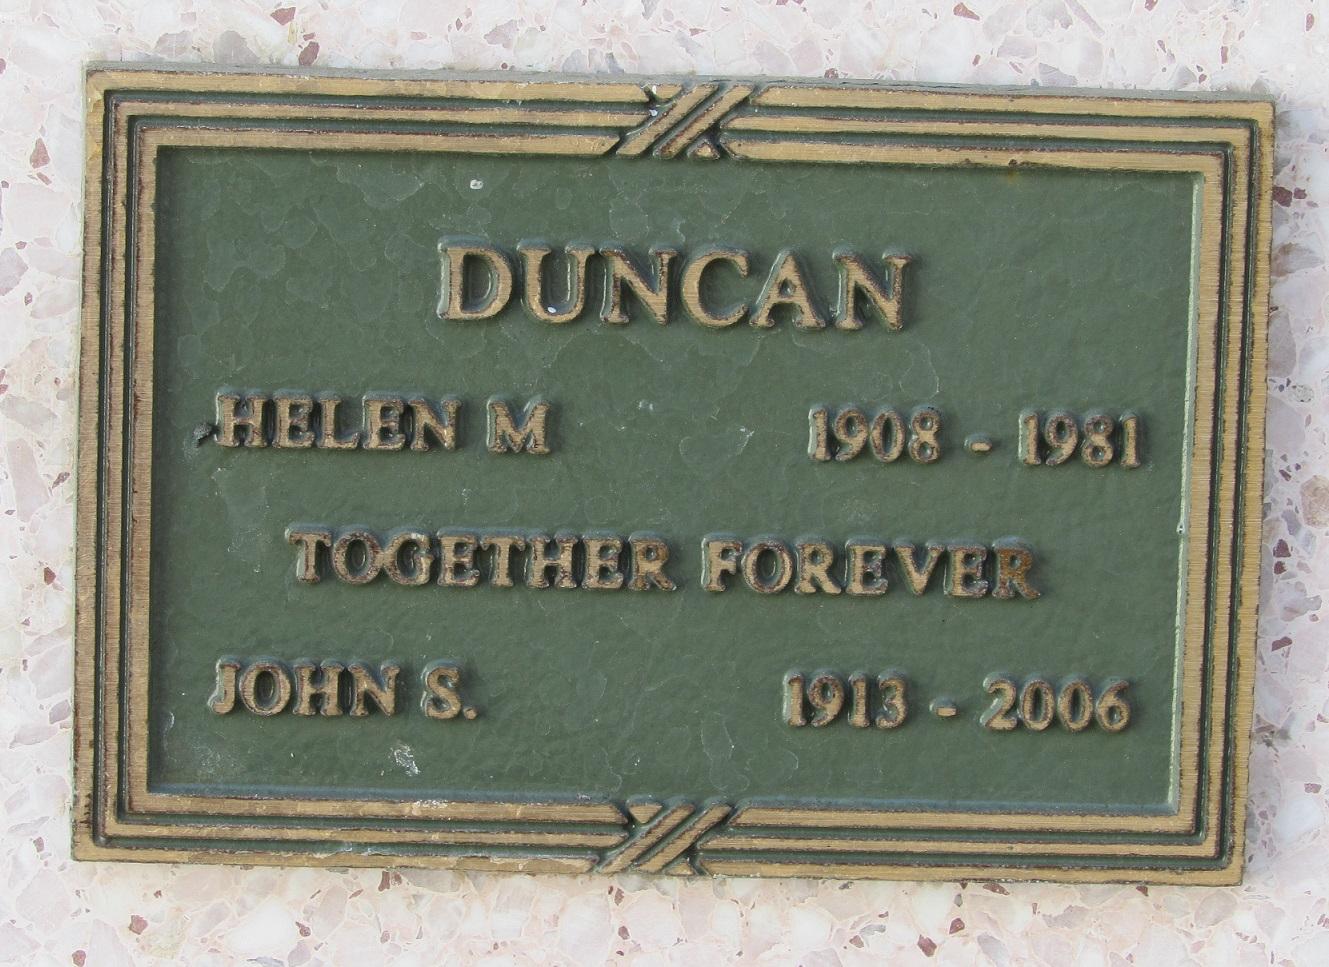 Helen <i>Martin</i> Duncan